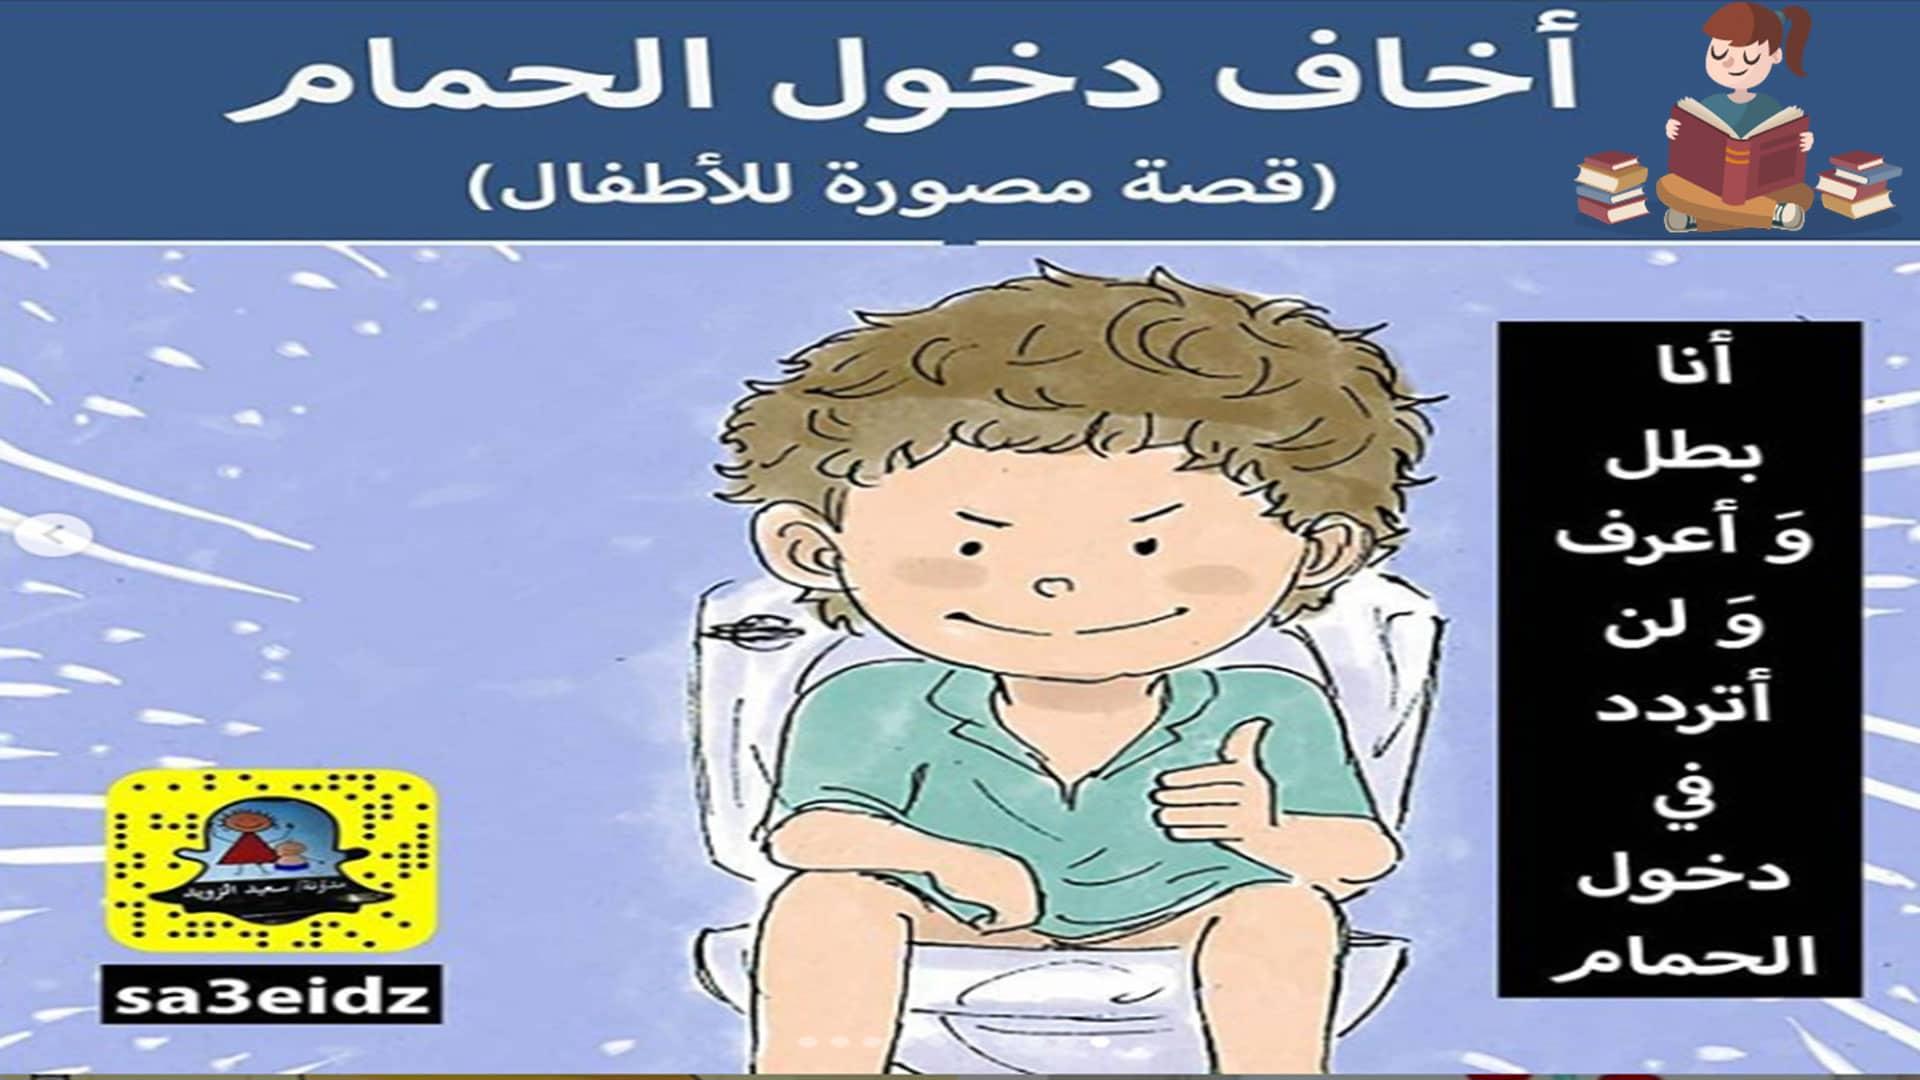 قصة تشجع الاطفال على دخول المرحاض